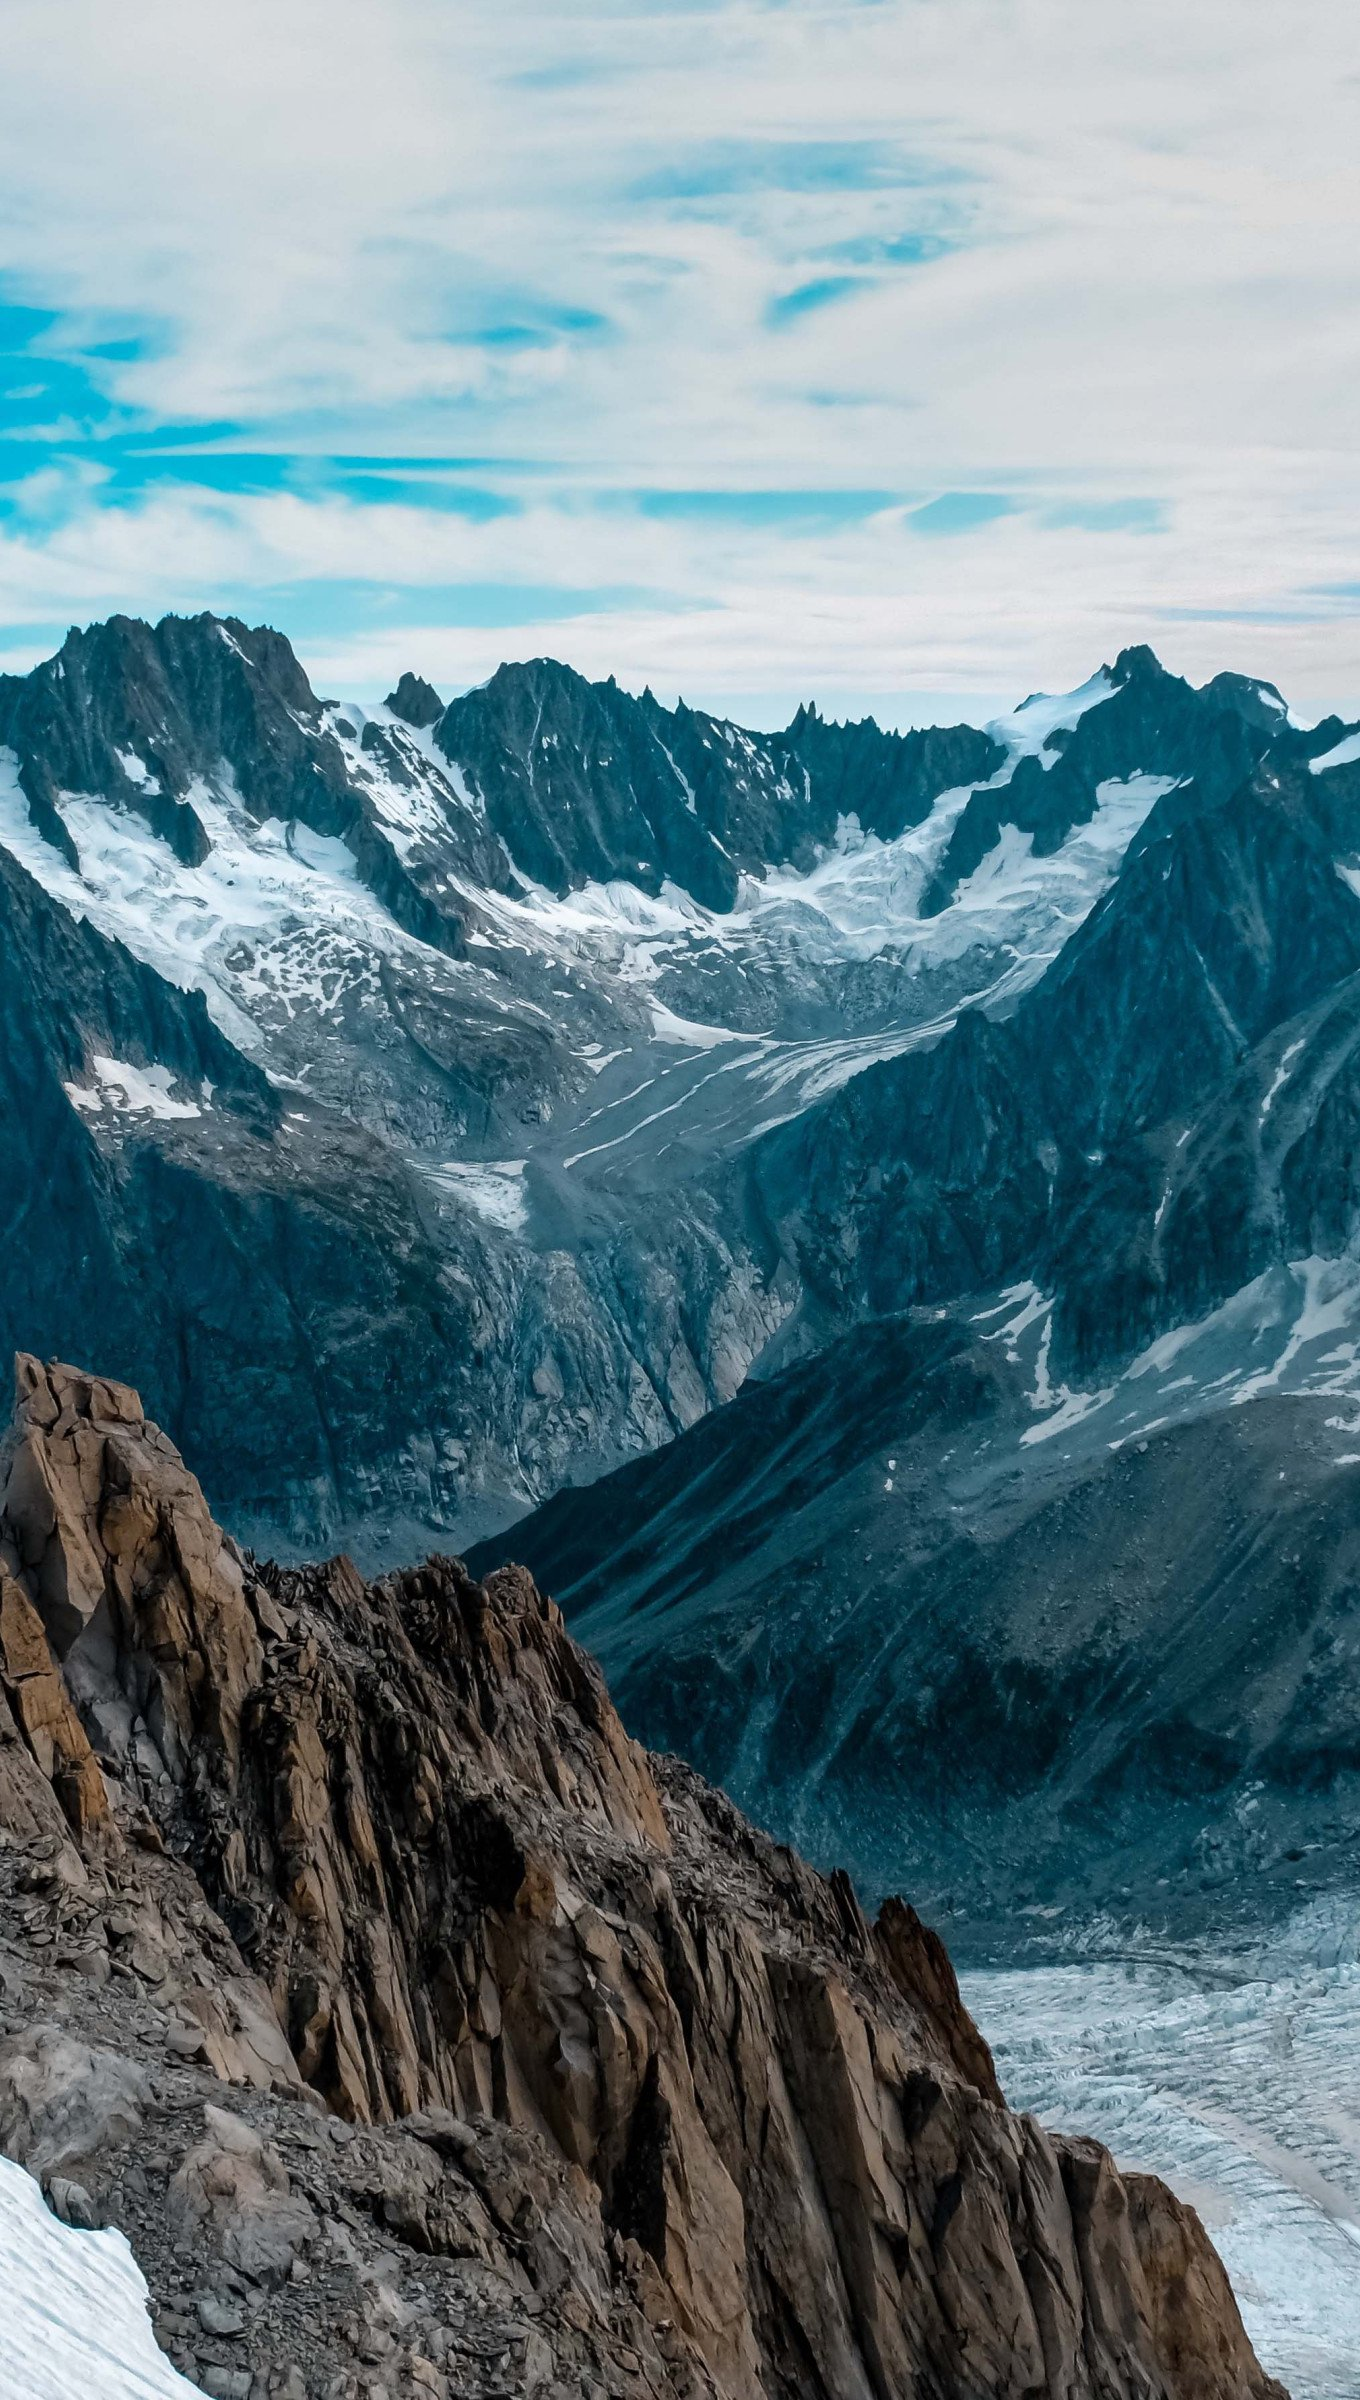 Fondos de pantalla Cima de las montañas cubiertas de nieve Vertical